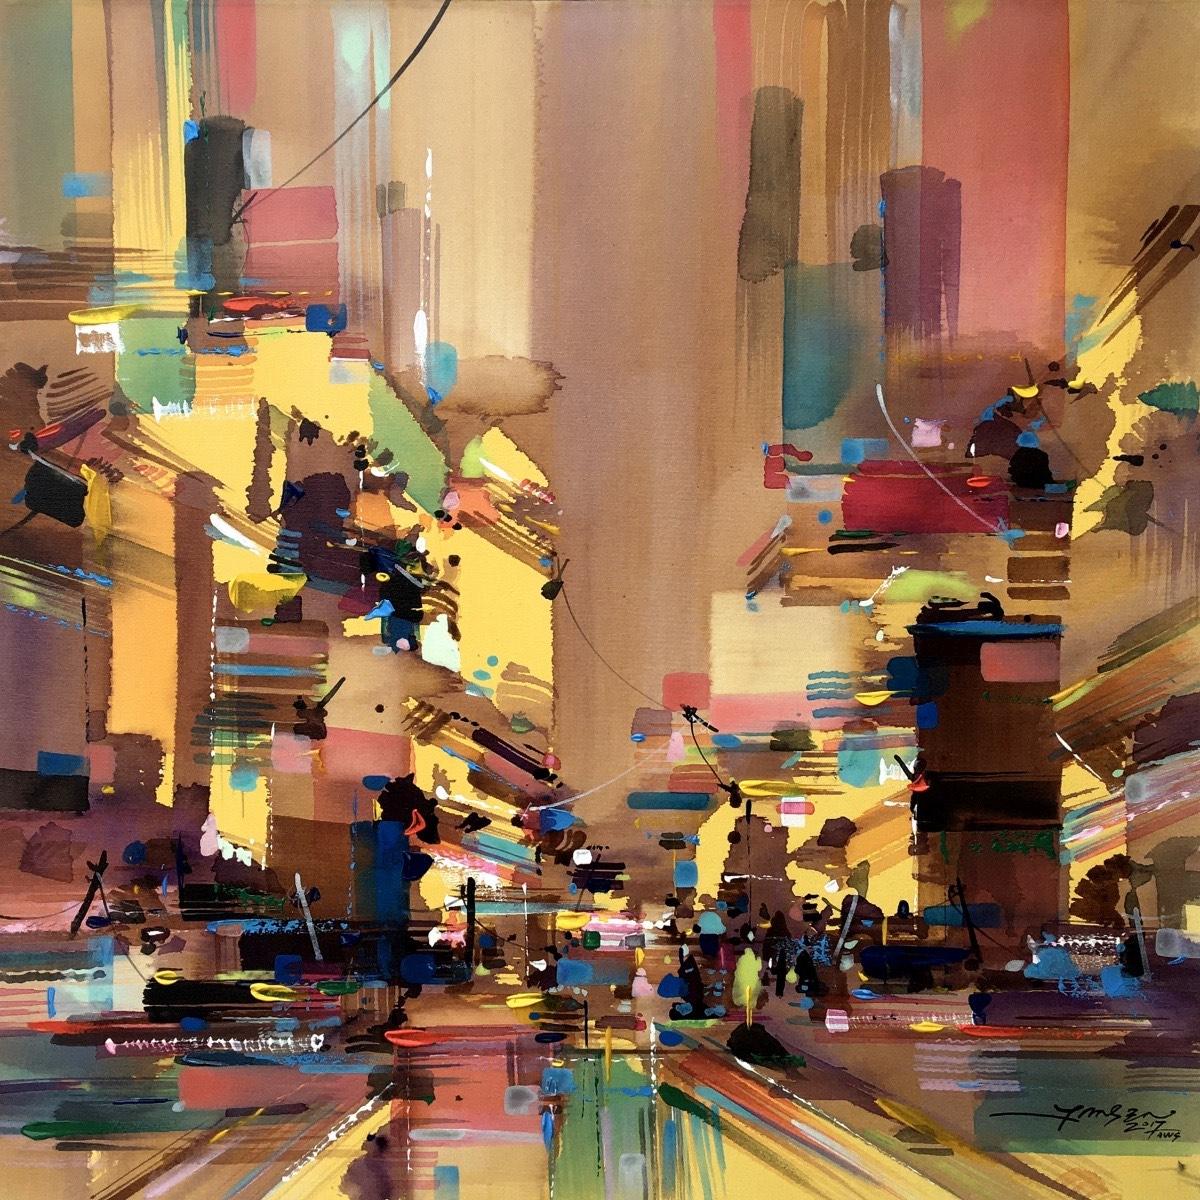 Uptown 1 by Jansen Chow